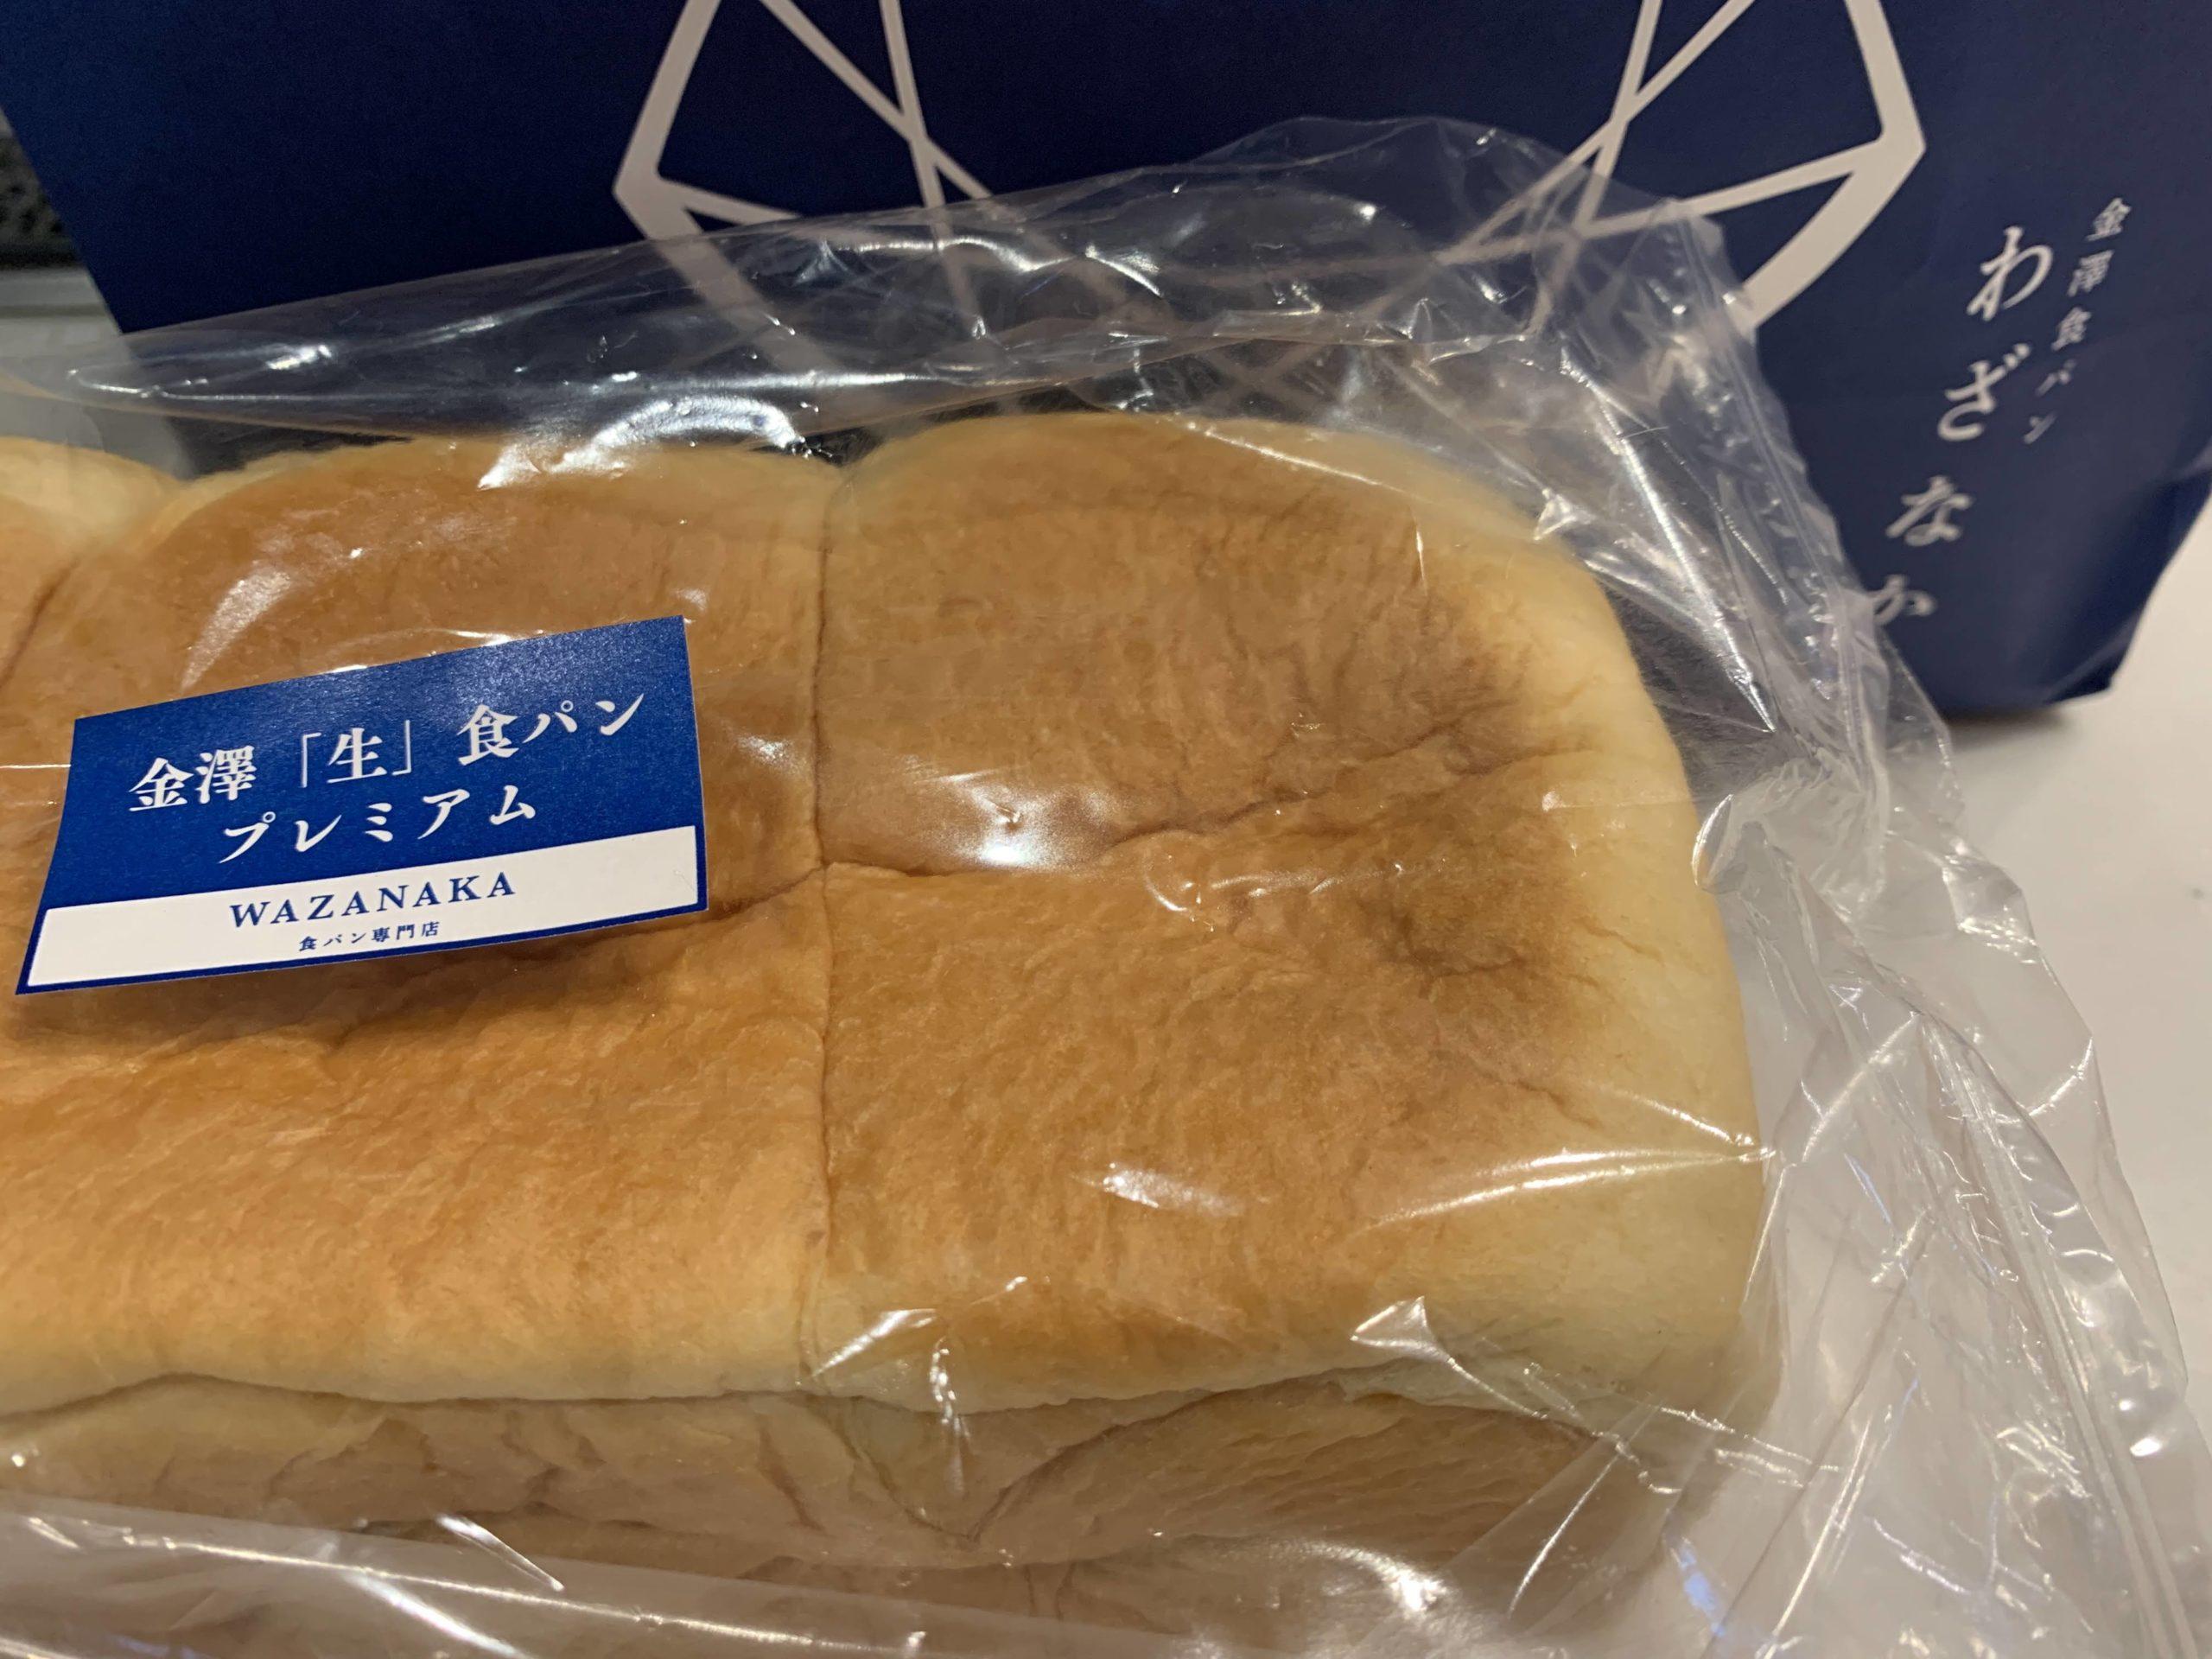 金澤食パンわざなか:石川の食パン専門店の食べ比べ・味や値段は?